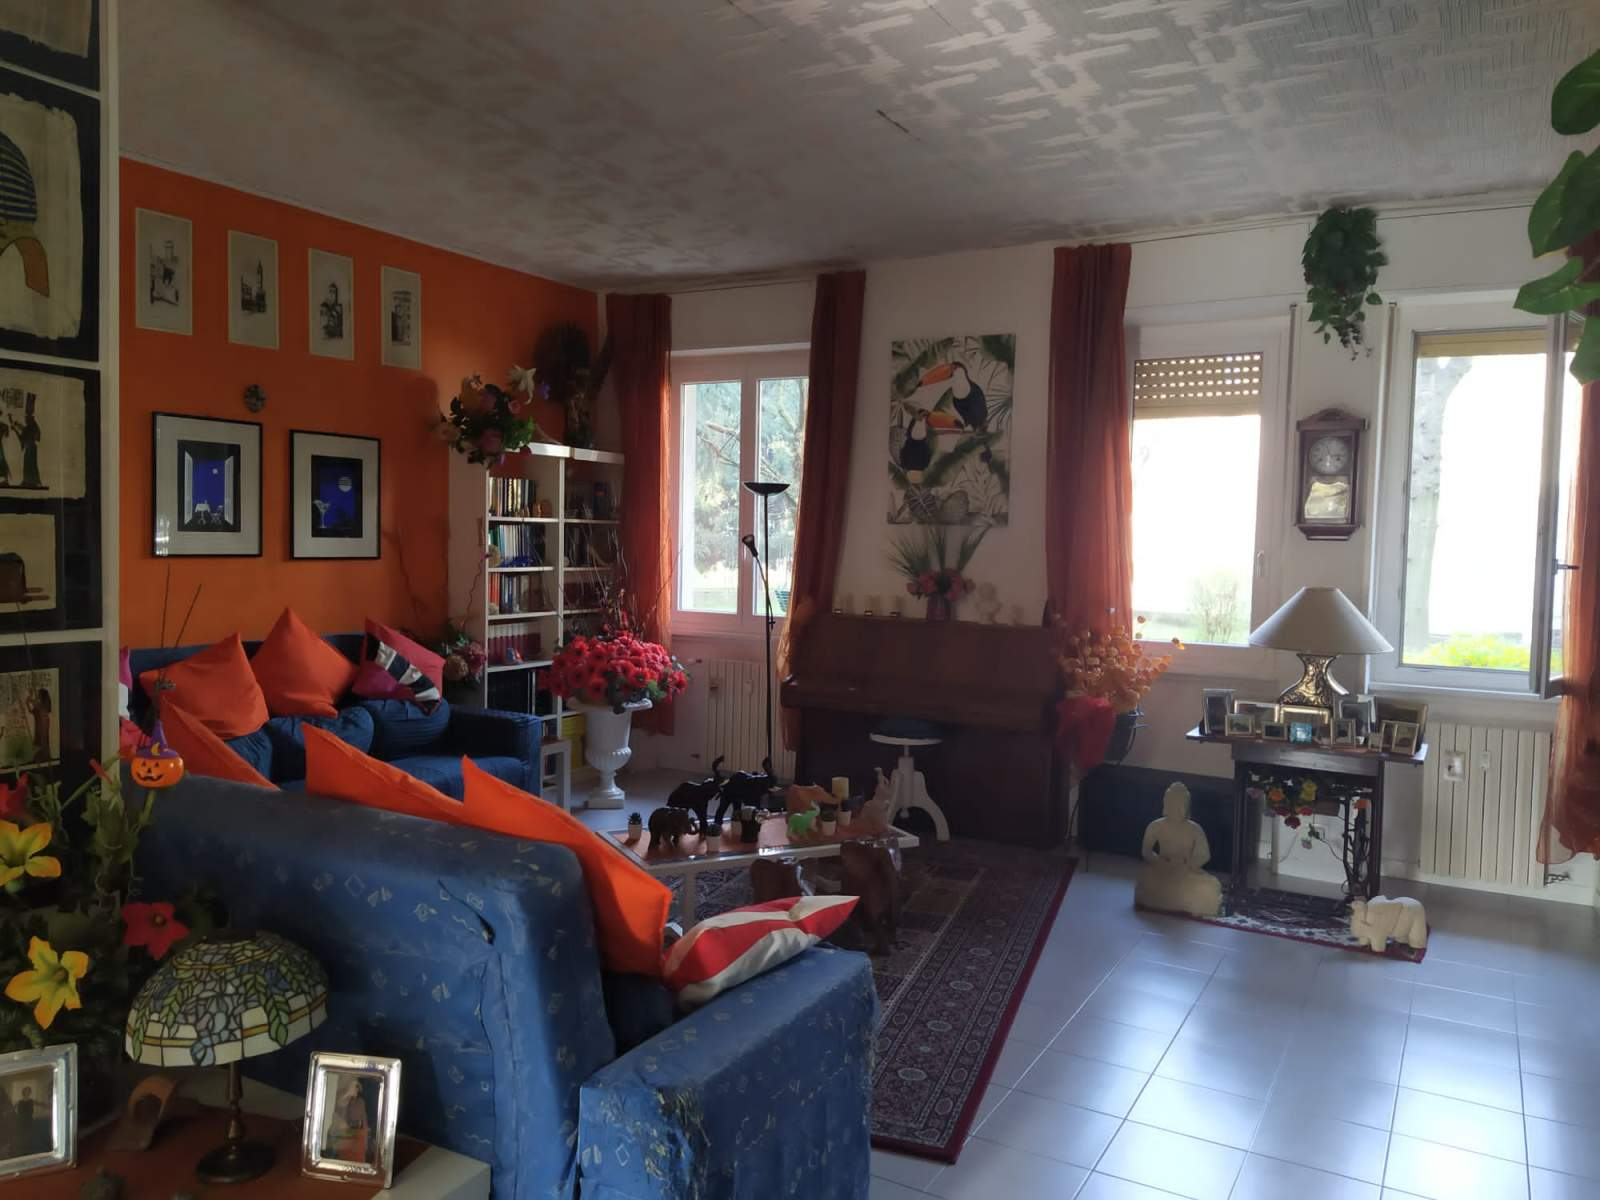 appartamento-in-vendita-a-milano-bagio-3-locali-via-cabella-spaziourbano-immobiliare-vende-2